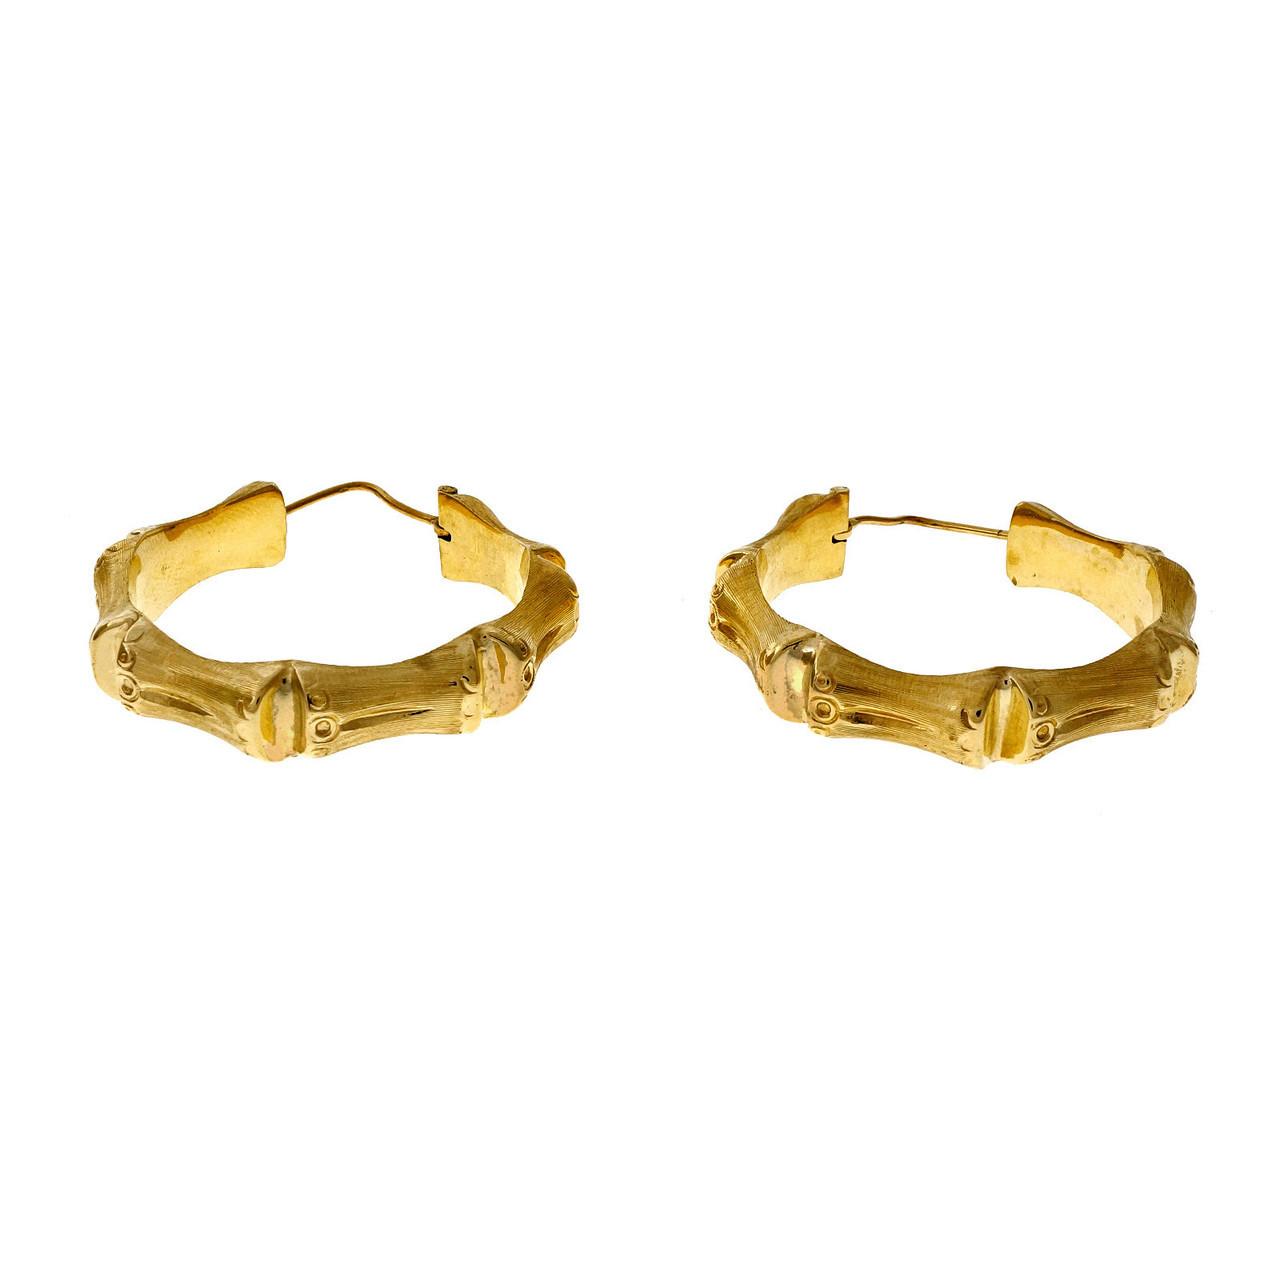 b7ddae0d4 Vintage 1950 14k Yellow Gold Bamboo Large Italian Hoop Earrings -  petersuchyjewelers